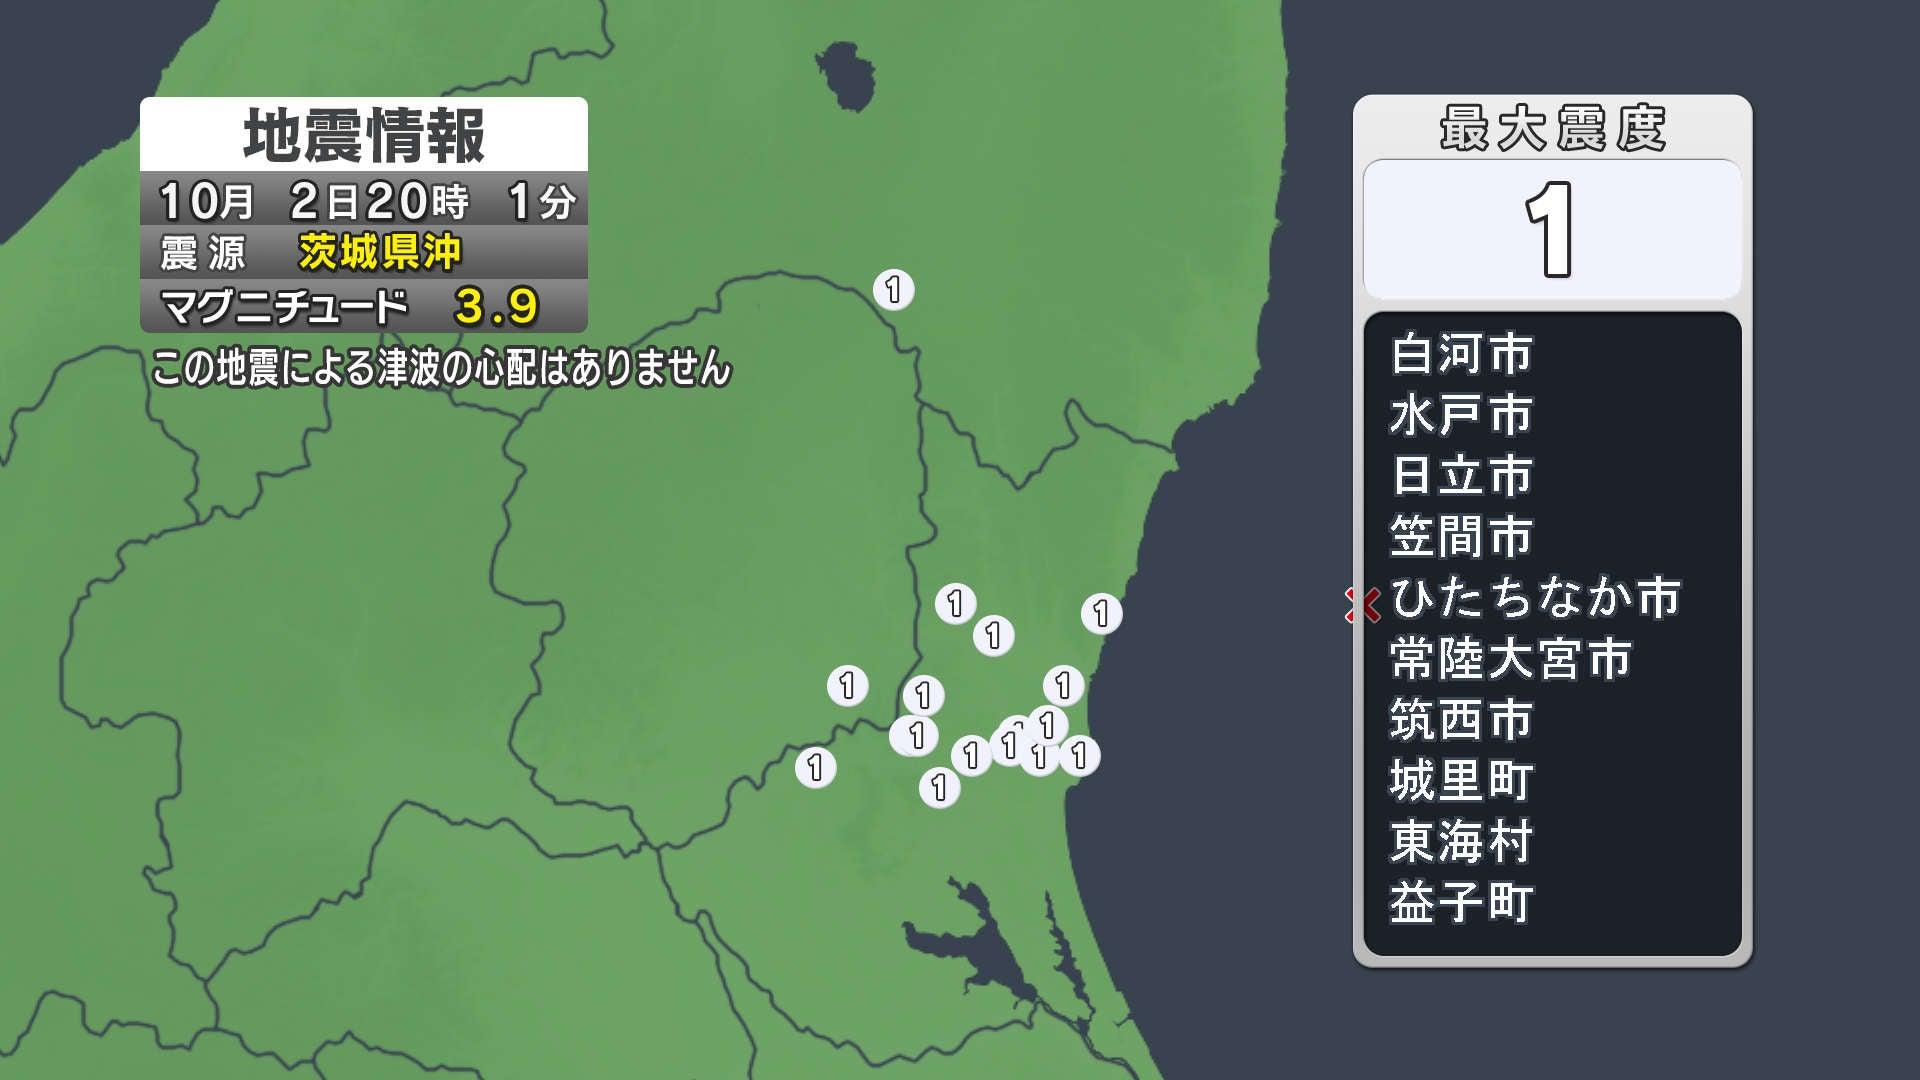 2020年10月2日 20時05分発表 茨城県沖 深さ 約50km 最大震度1 : 地震 ...